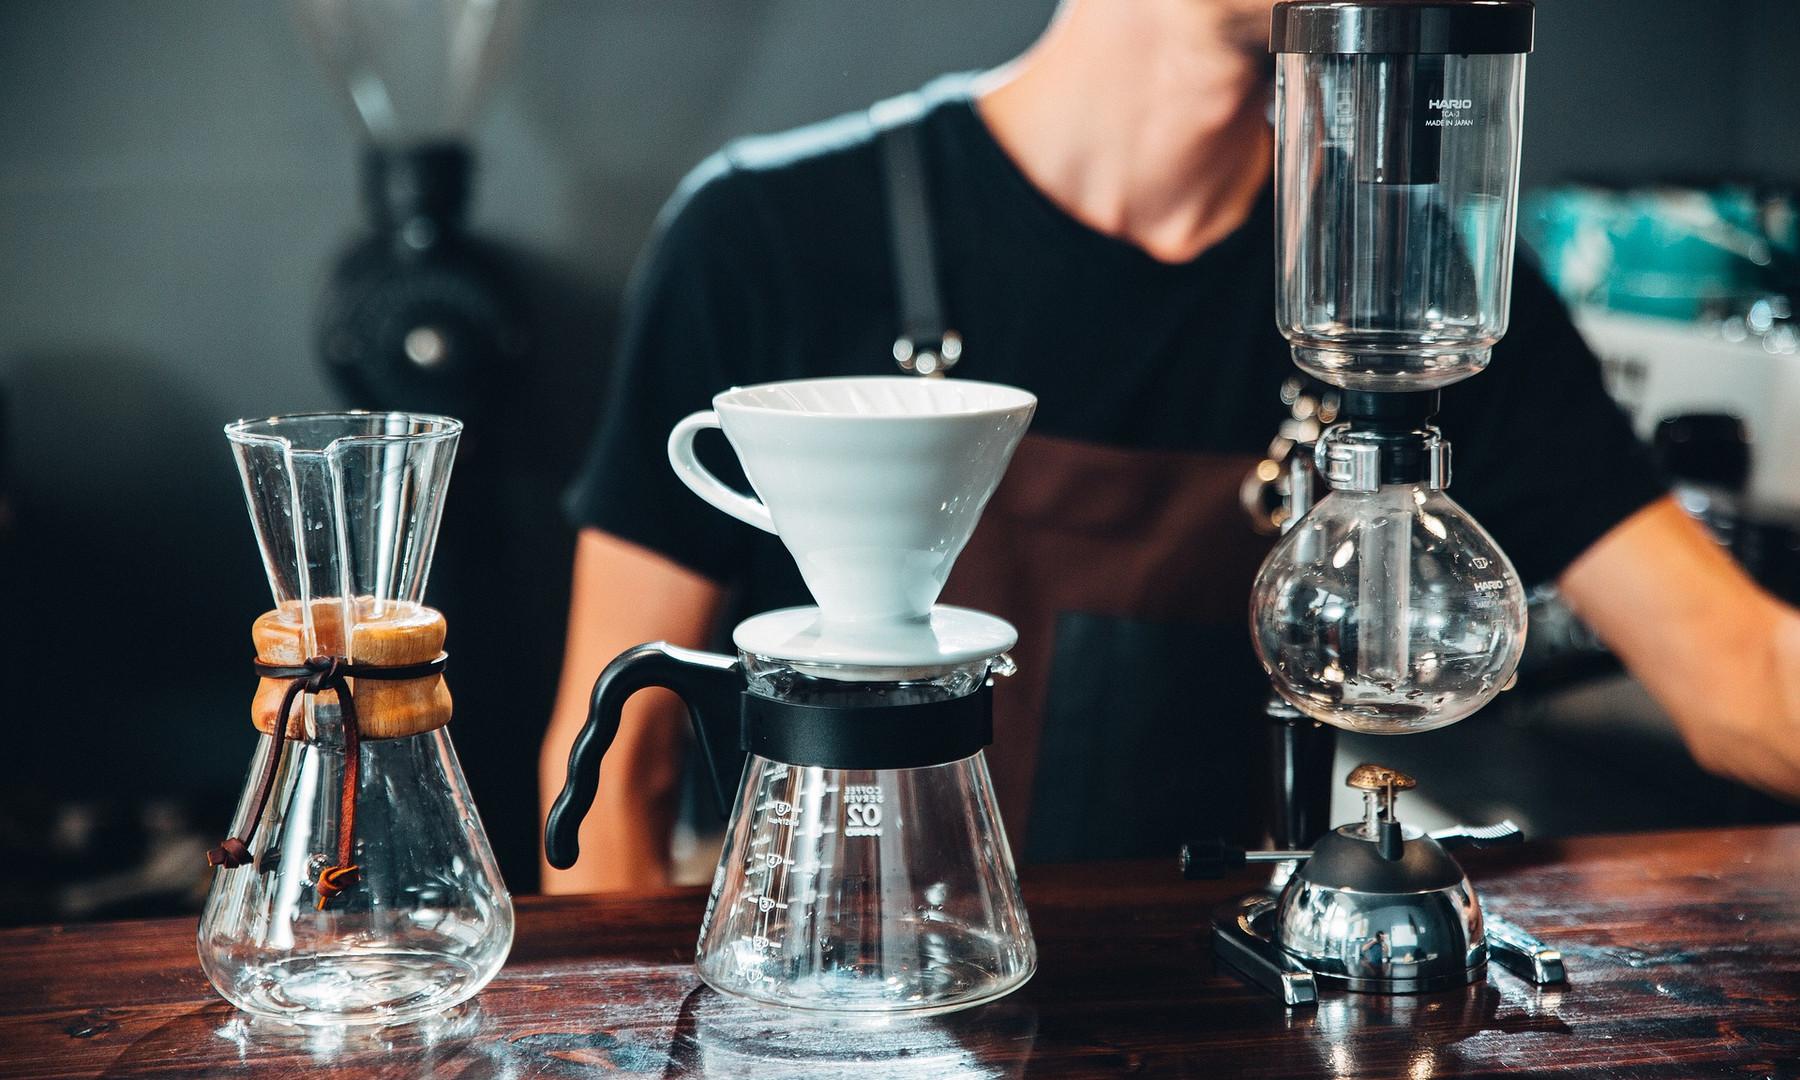 speciality-coffee-4568579_1920.jpg